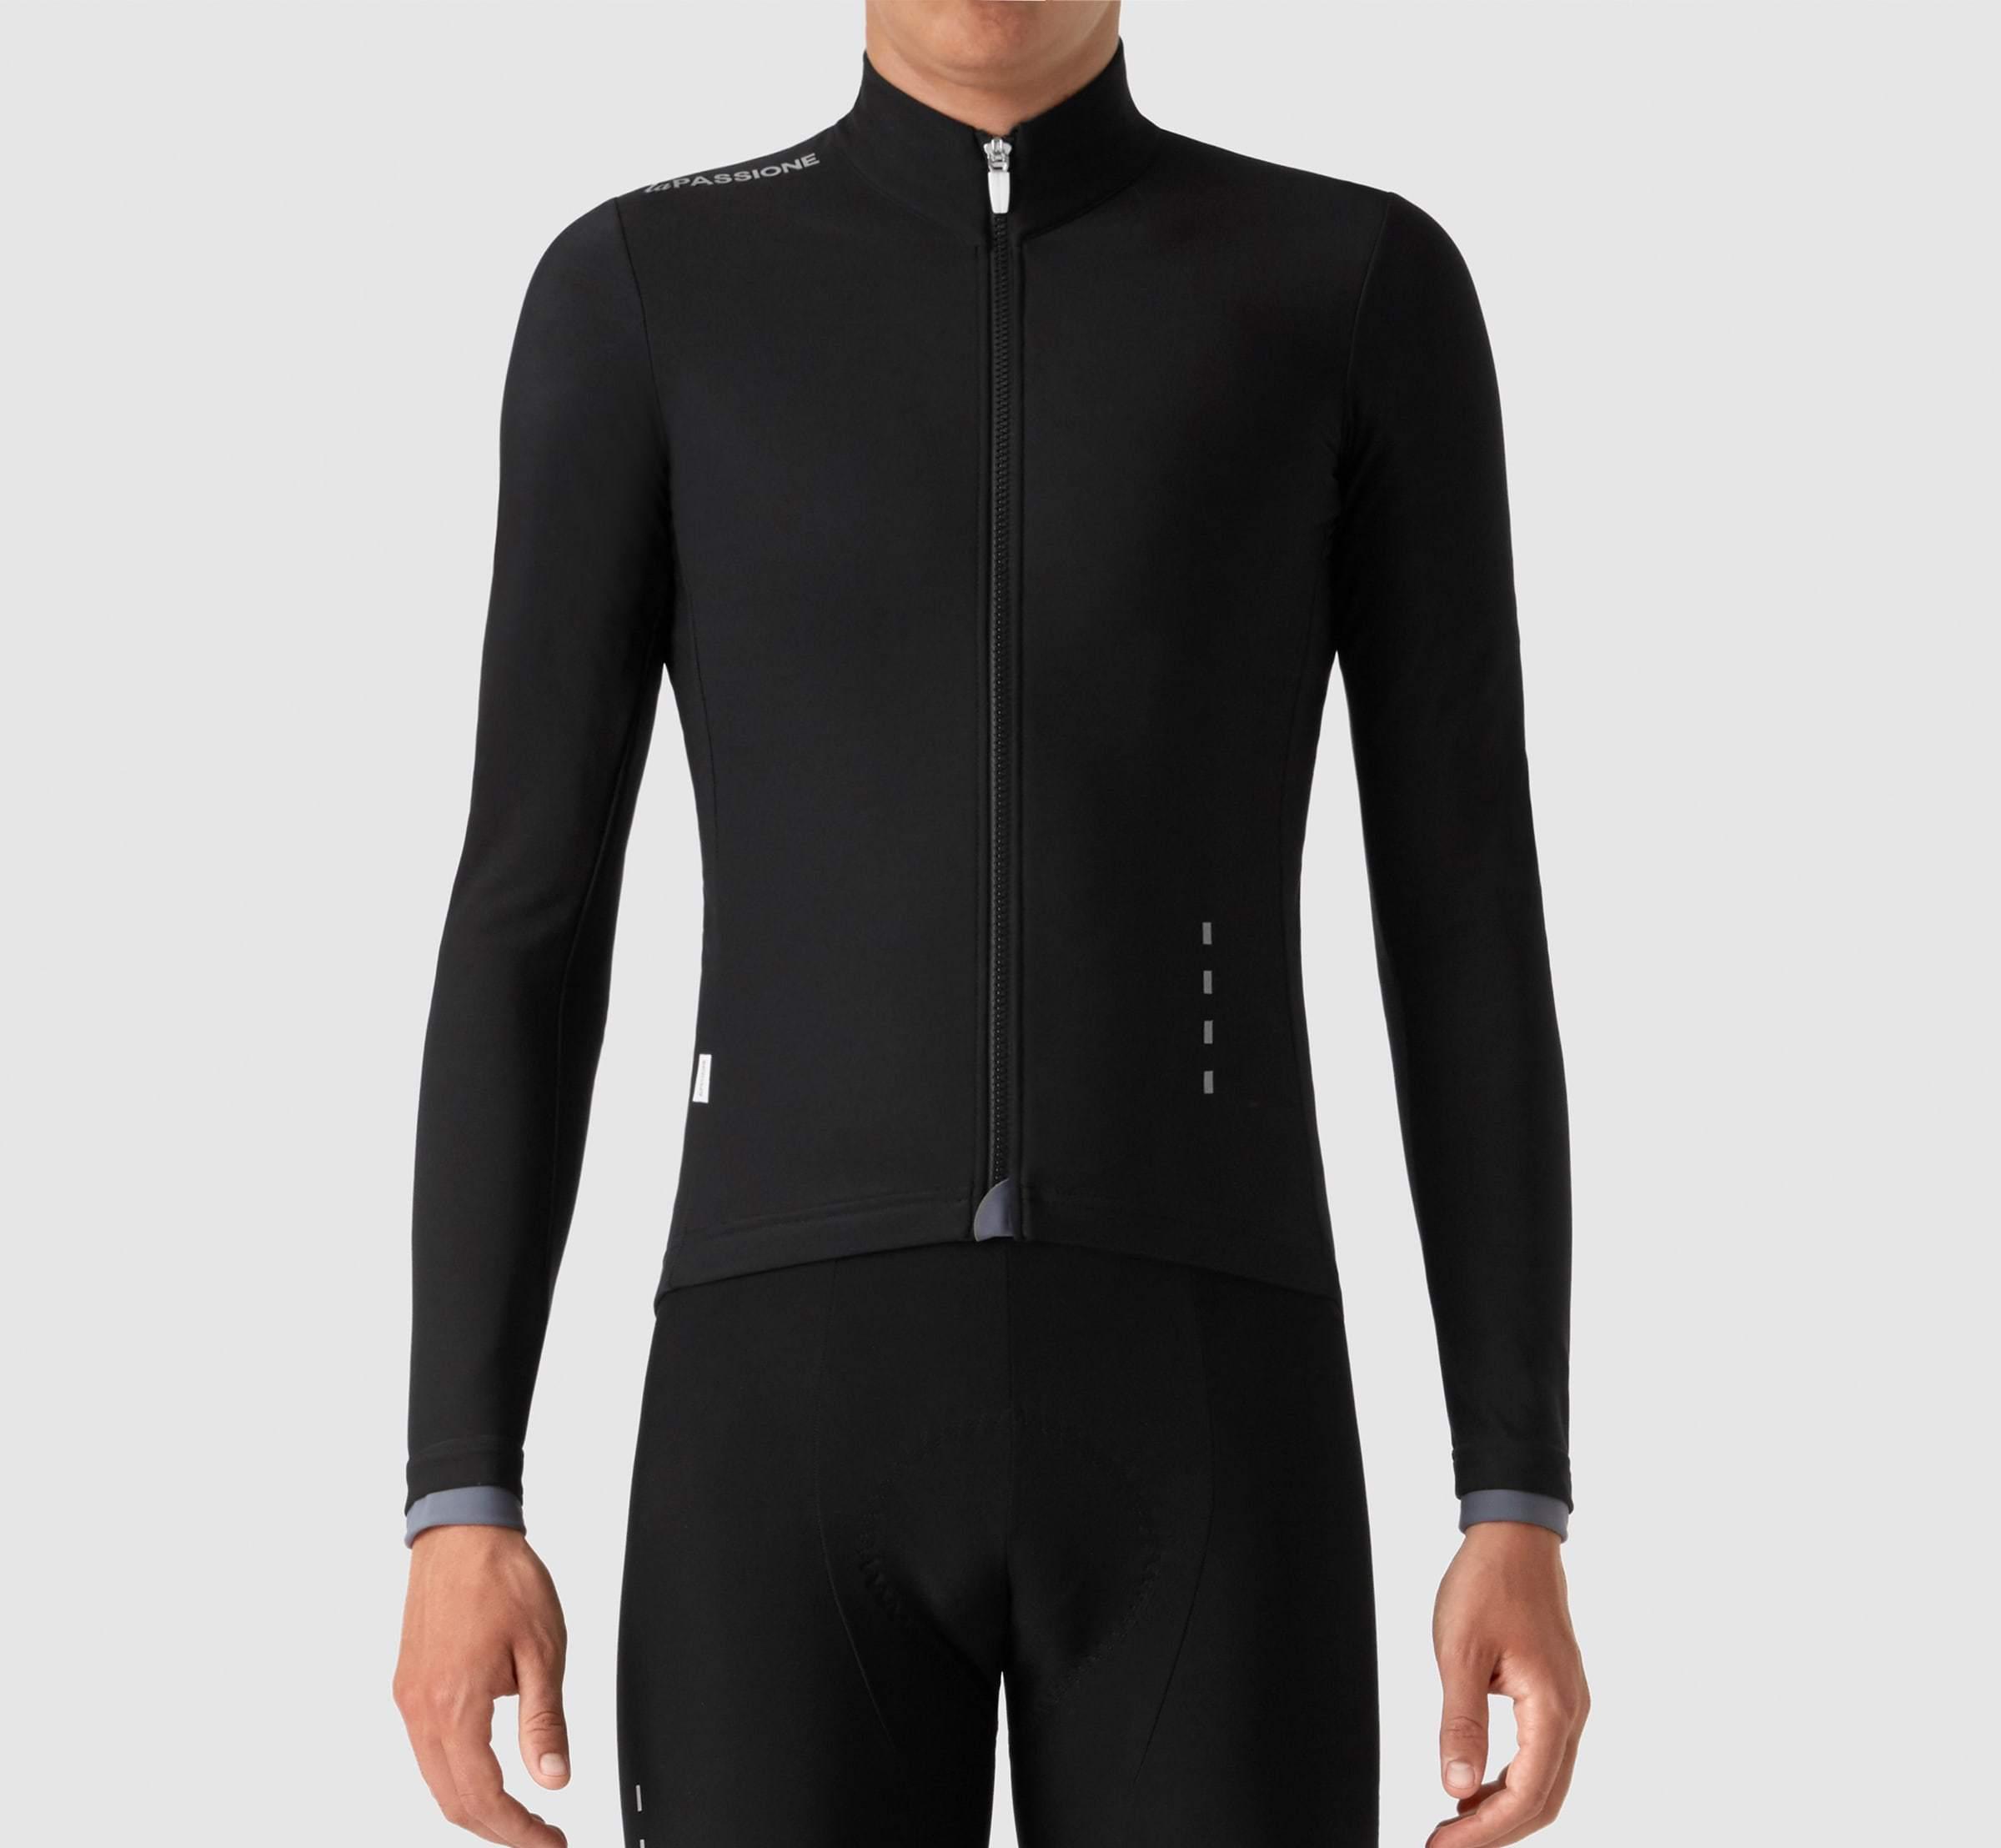 Winter Cycling Jersey Warm Long Bib Bike Fleece MTB Shirt Top Jacket Clothing